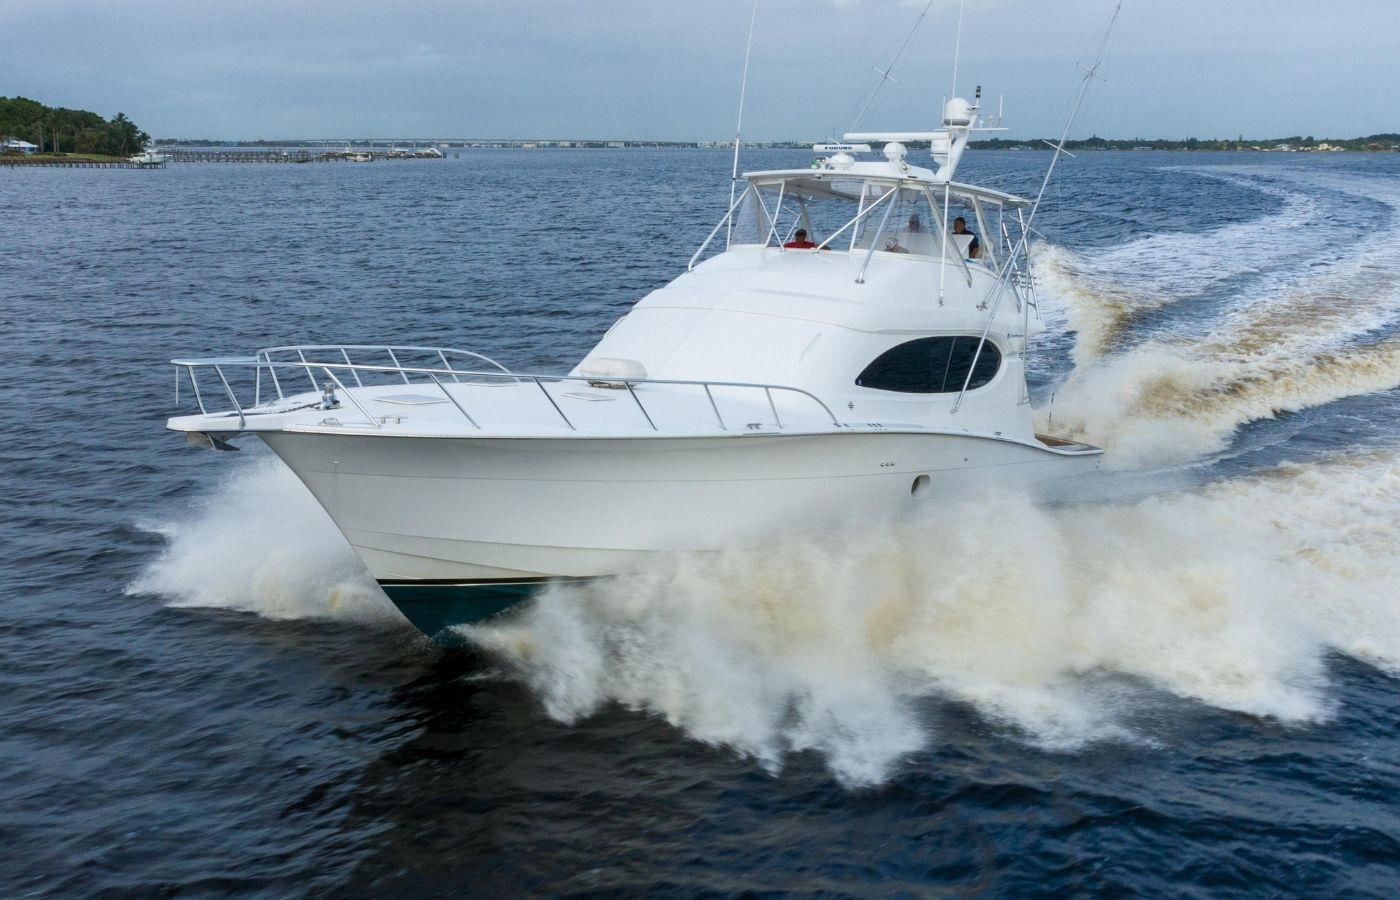 64 Hatteras Sportfish Yacht Sold By Russ Schafer